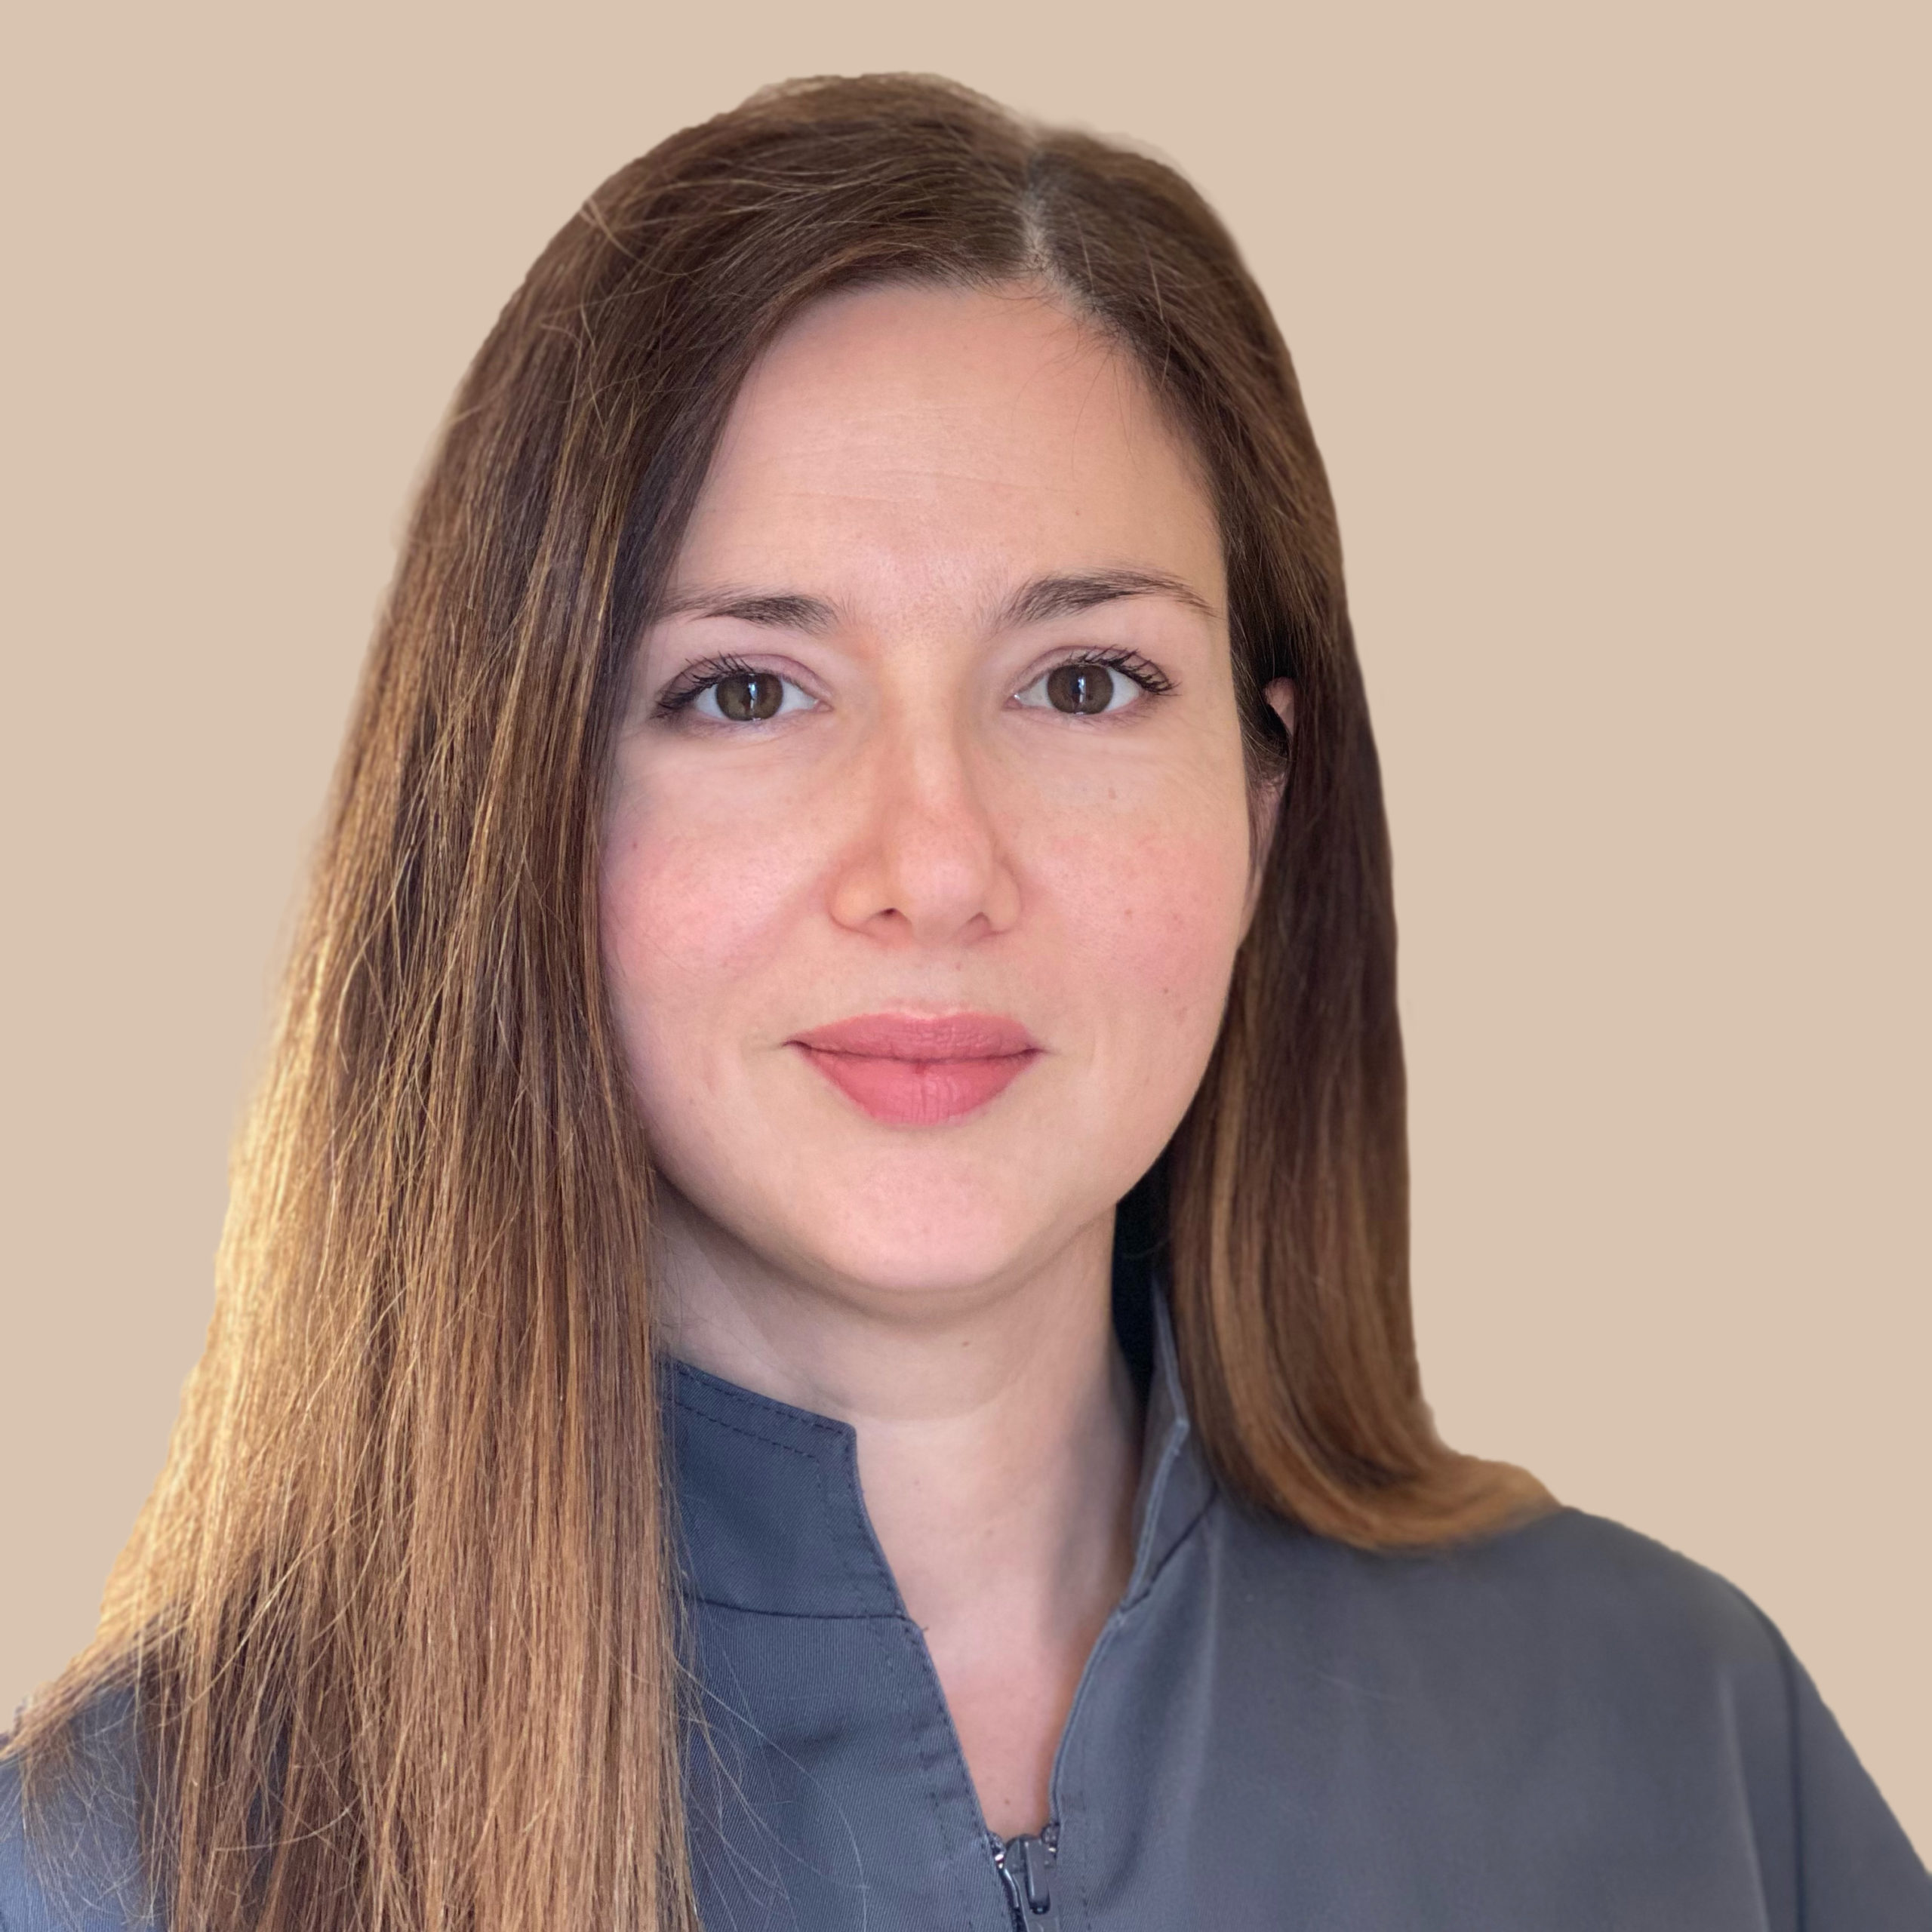 Oana Gheorghe